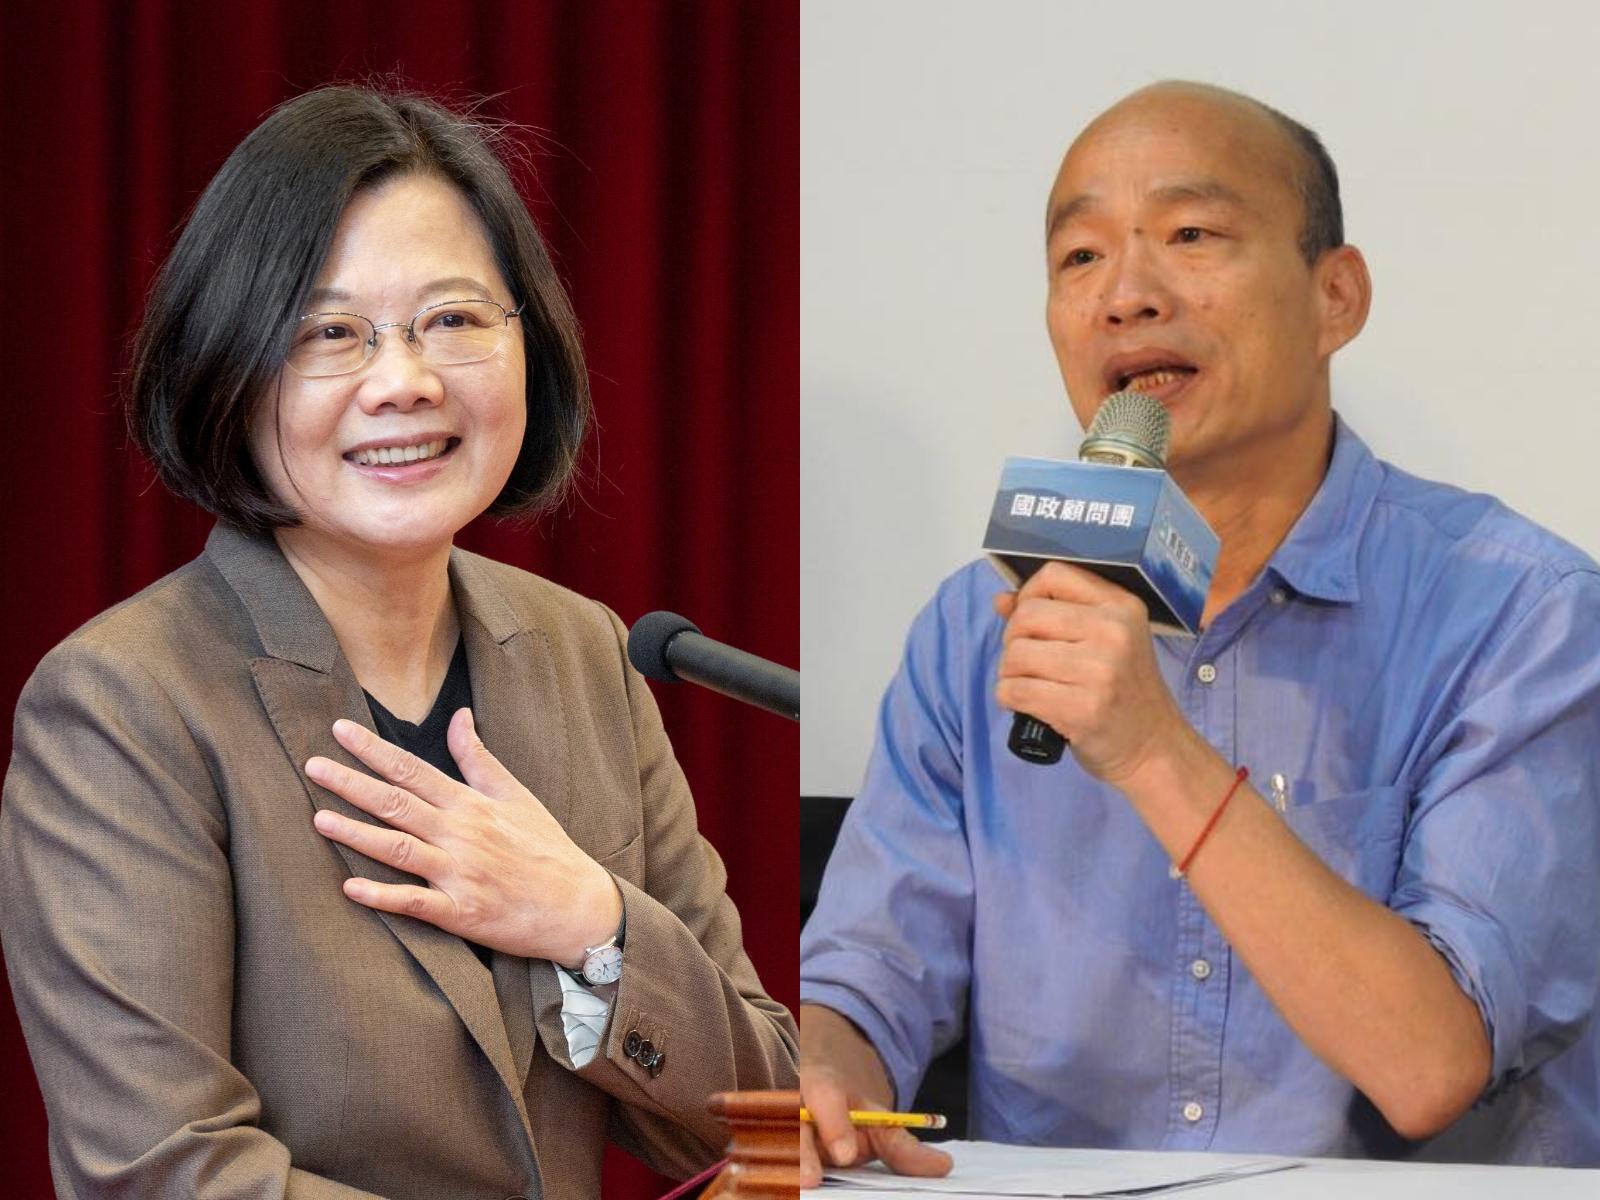 聯合報民調/藍綠對決 蔡45%韓33%